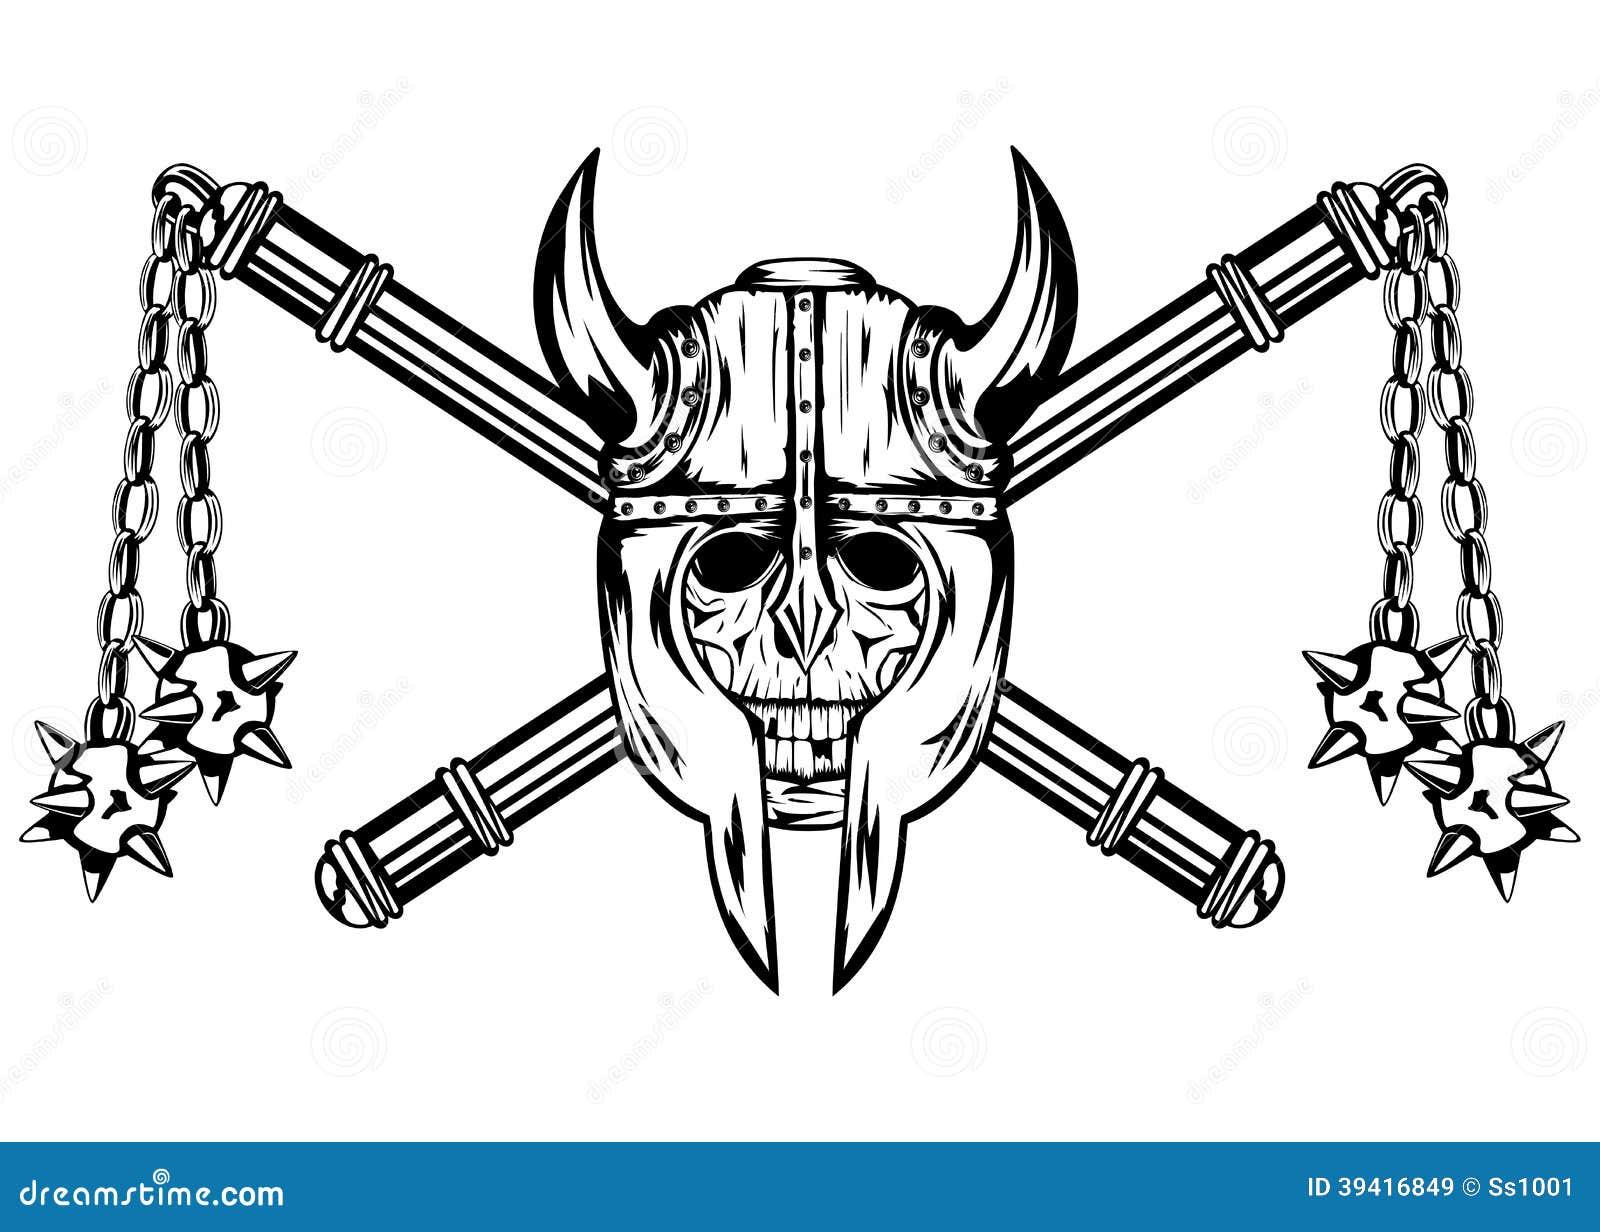 Stock Vector Alliesinteract 11211360: Skull In Helmet And Crossed Maces Stock Vector